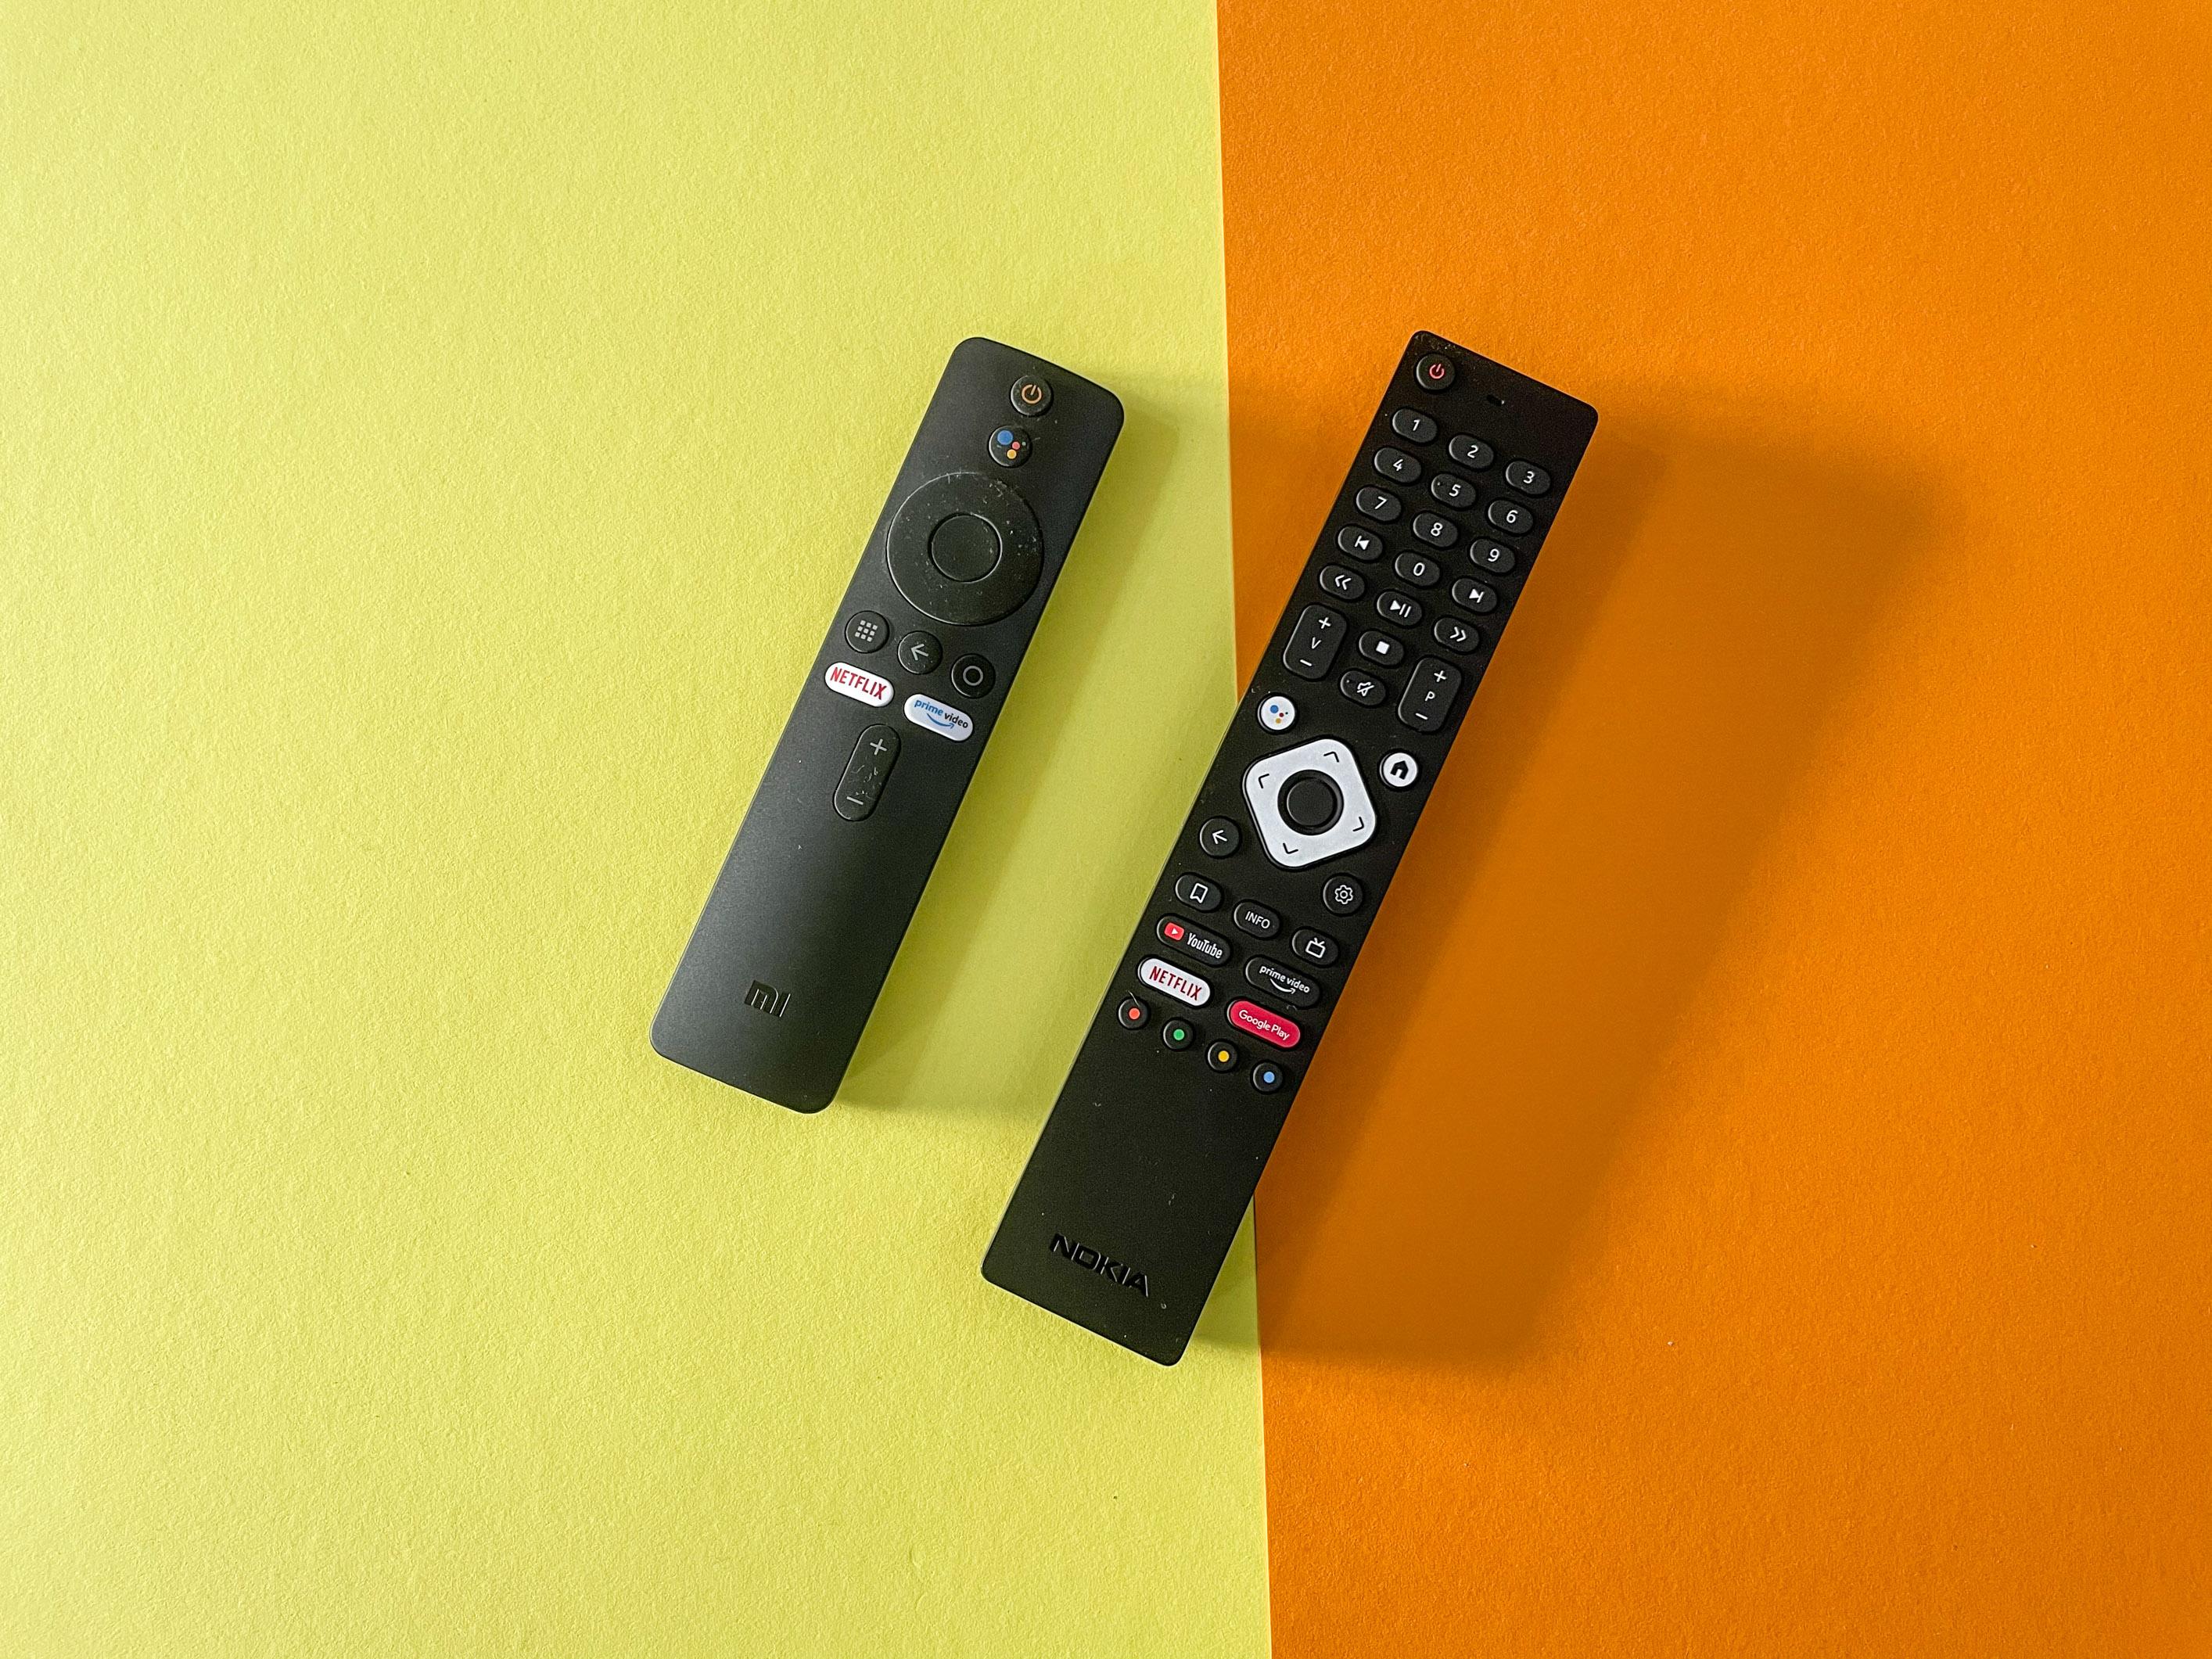 Android-TV-Geräte im Vergleichstest: Nokia-Box begeistert, Xiaomi-Stick enttäuscht - Links die Fernbedienung des Mi TV Stick, rechts daneben die Fernbedienung der Streaming Box 8000 (Bild: Ingo Pakalski/Golem.de)